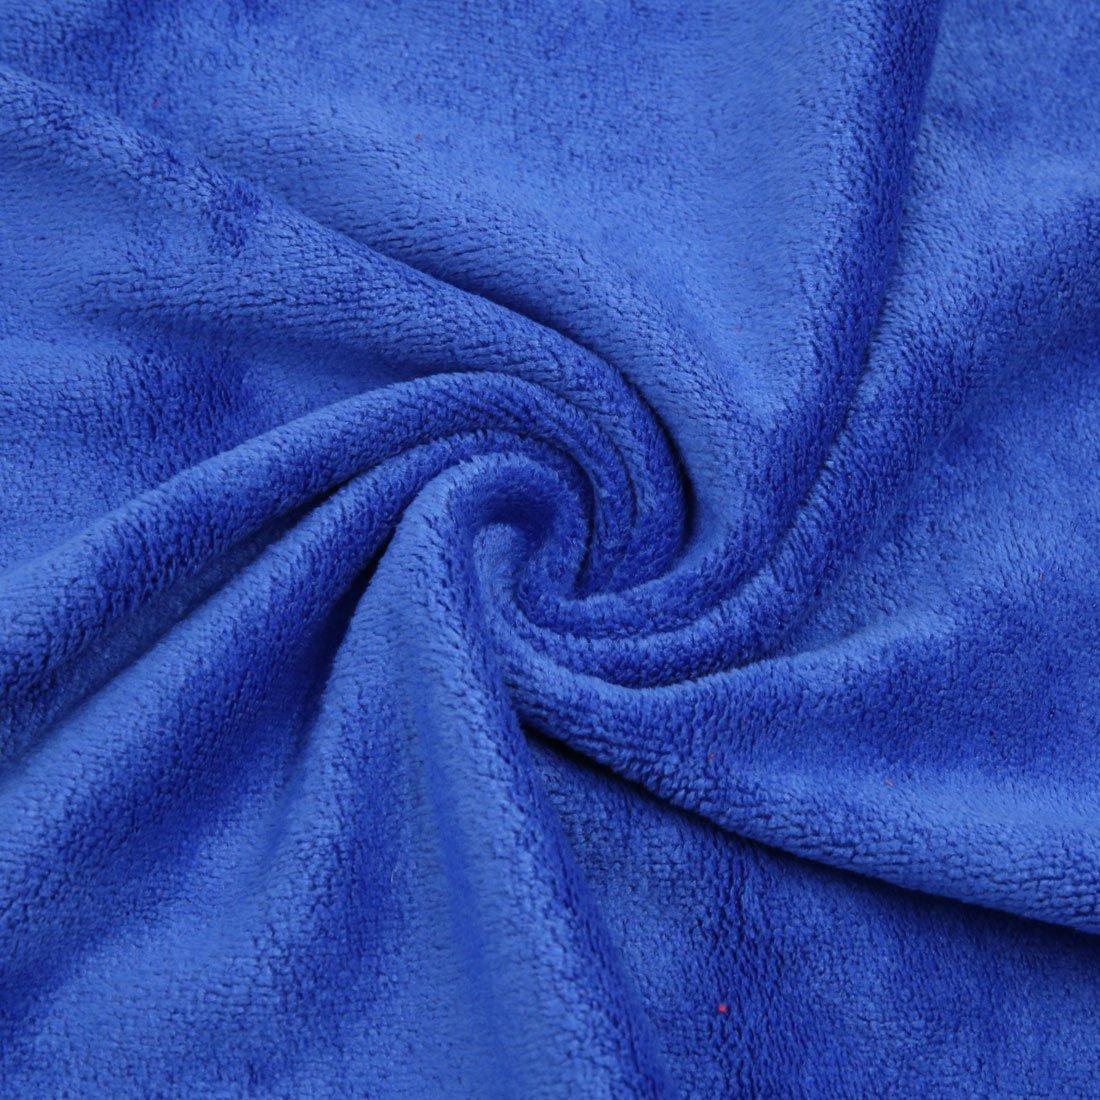 Amazon.com: eDealMax 2 piezas Gris Azul Inicio del Cuerpo de coche de pulido de limpieza Lavado Wipe toalla 40cm x 40cm: Automotive